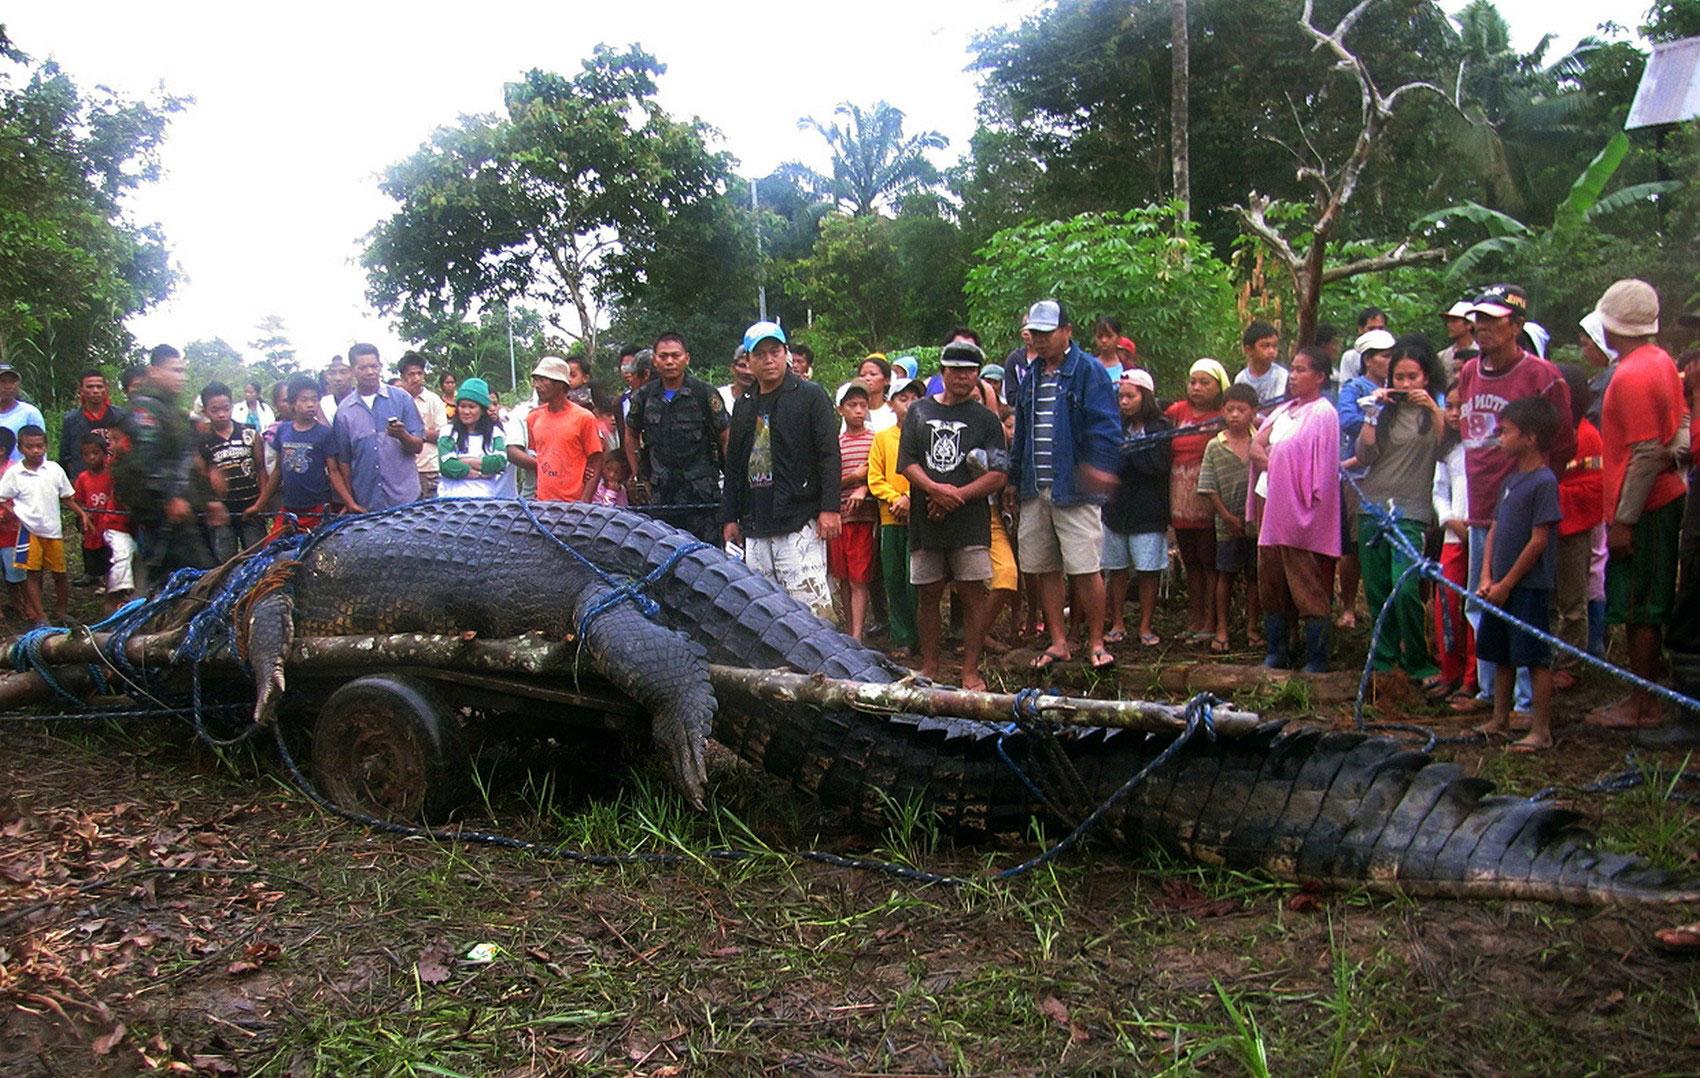 морской крокодил, фото животного мира